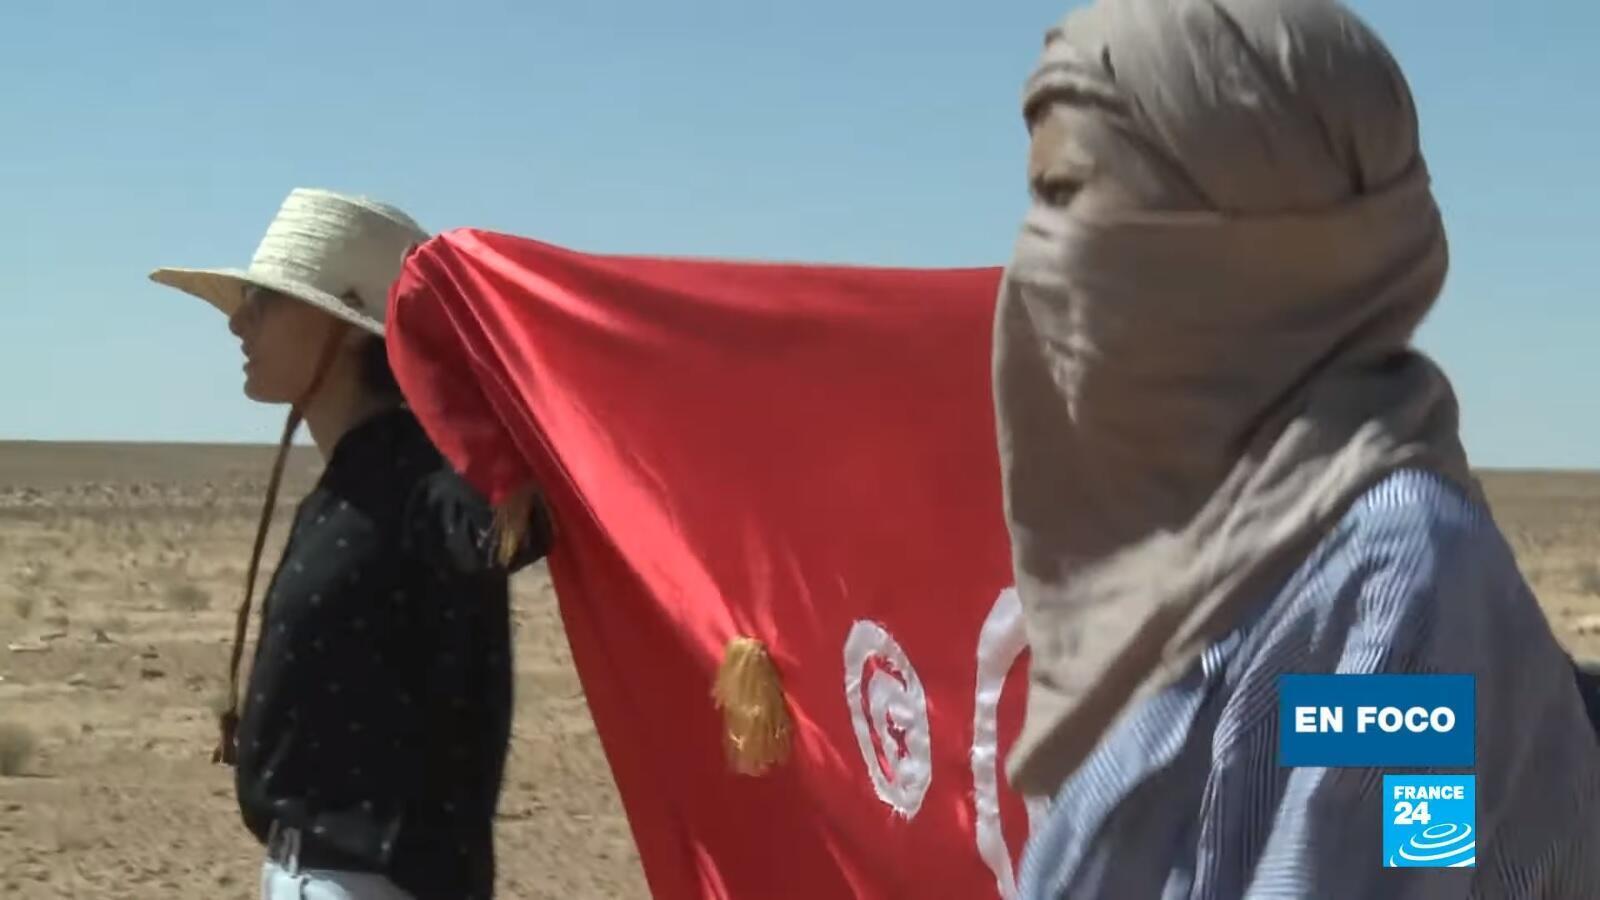 En Foco mujeres Túnez